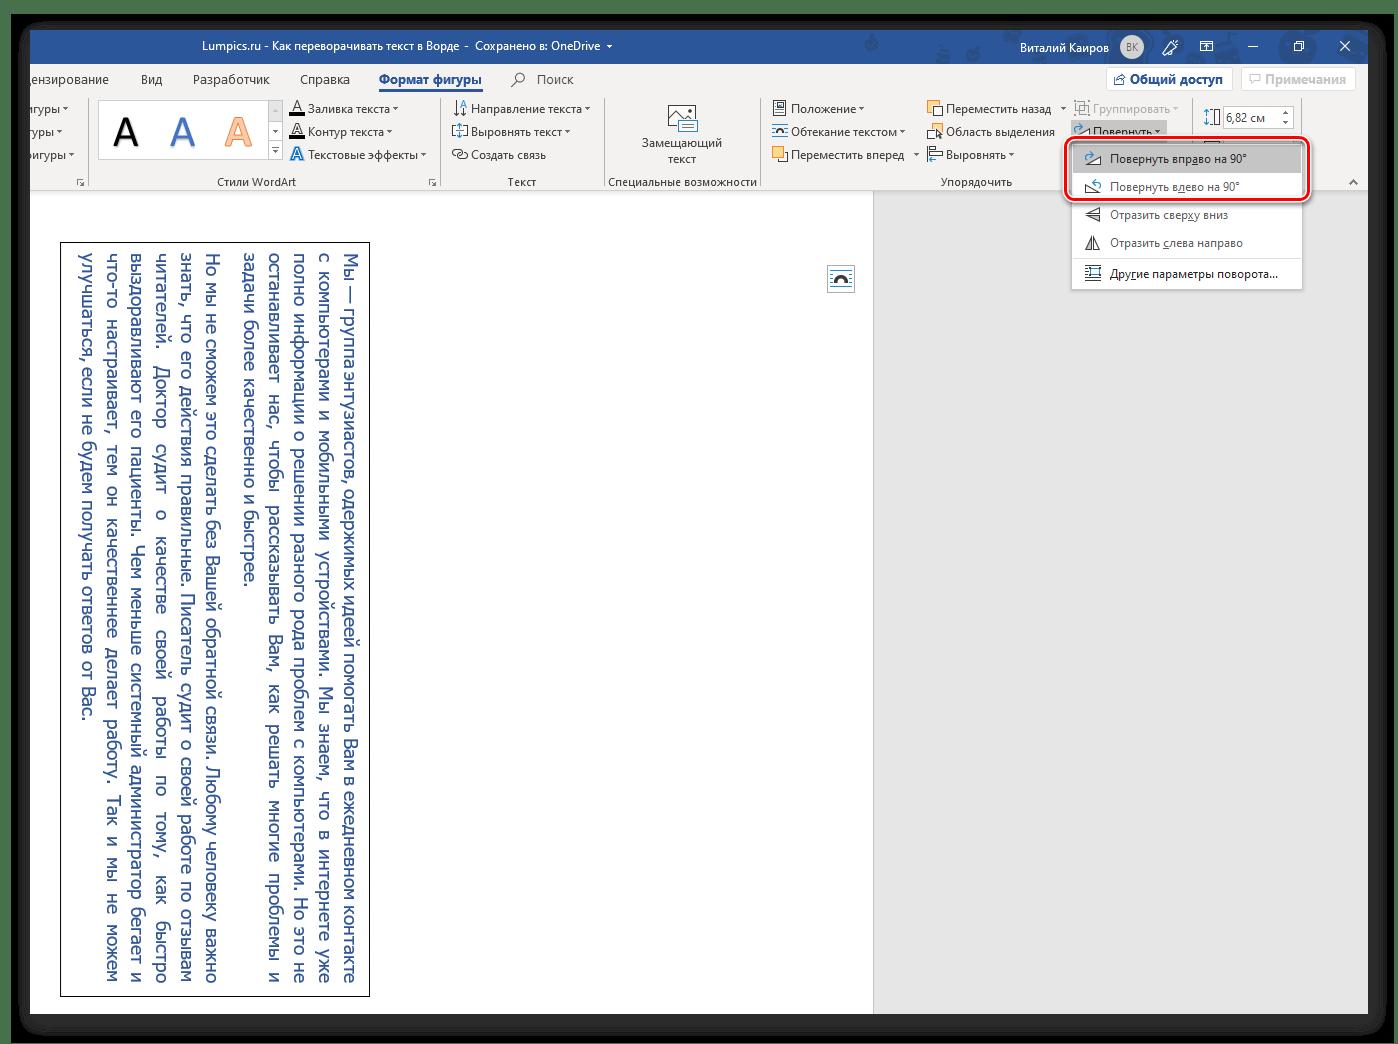 Другие доступные опции для переворота текста в Microsoft Word